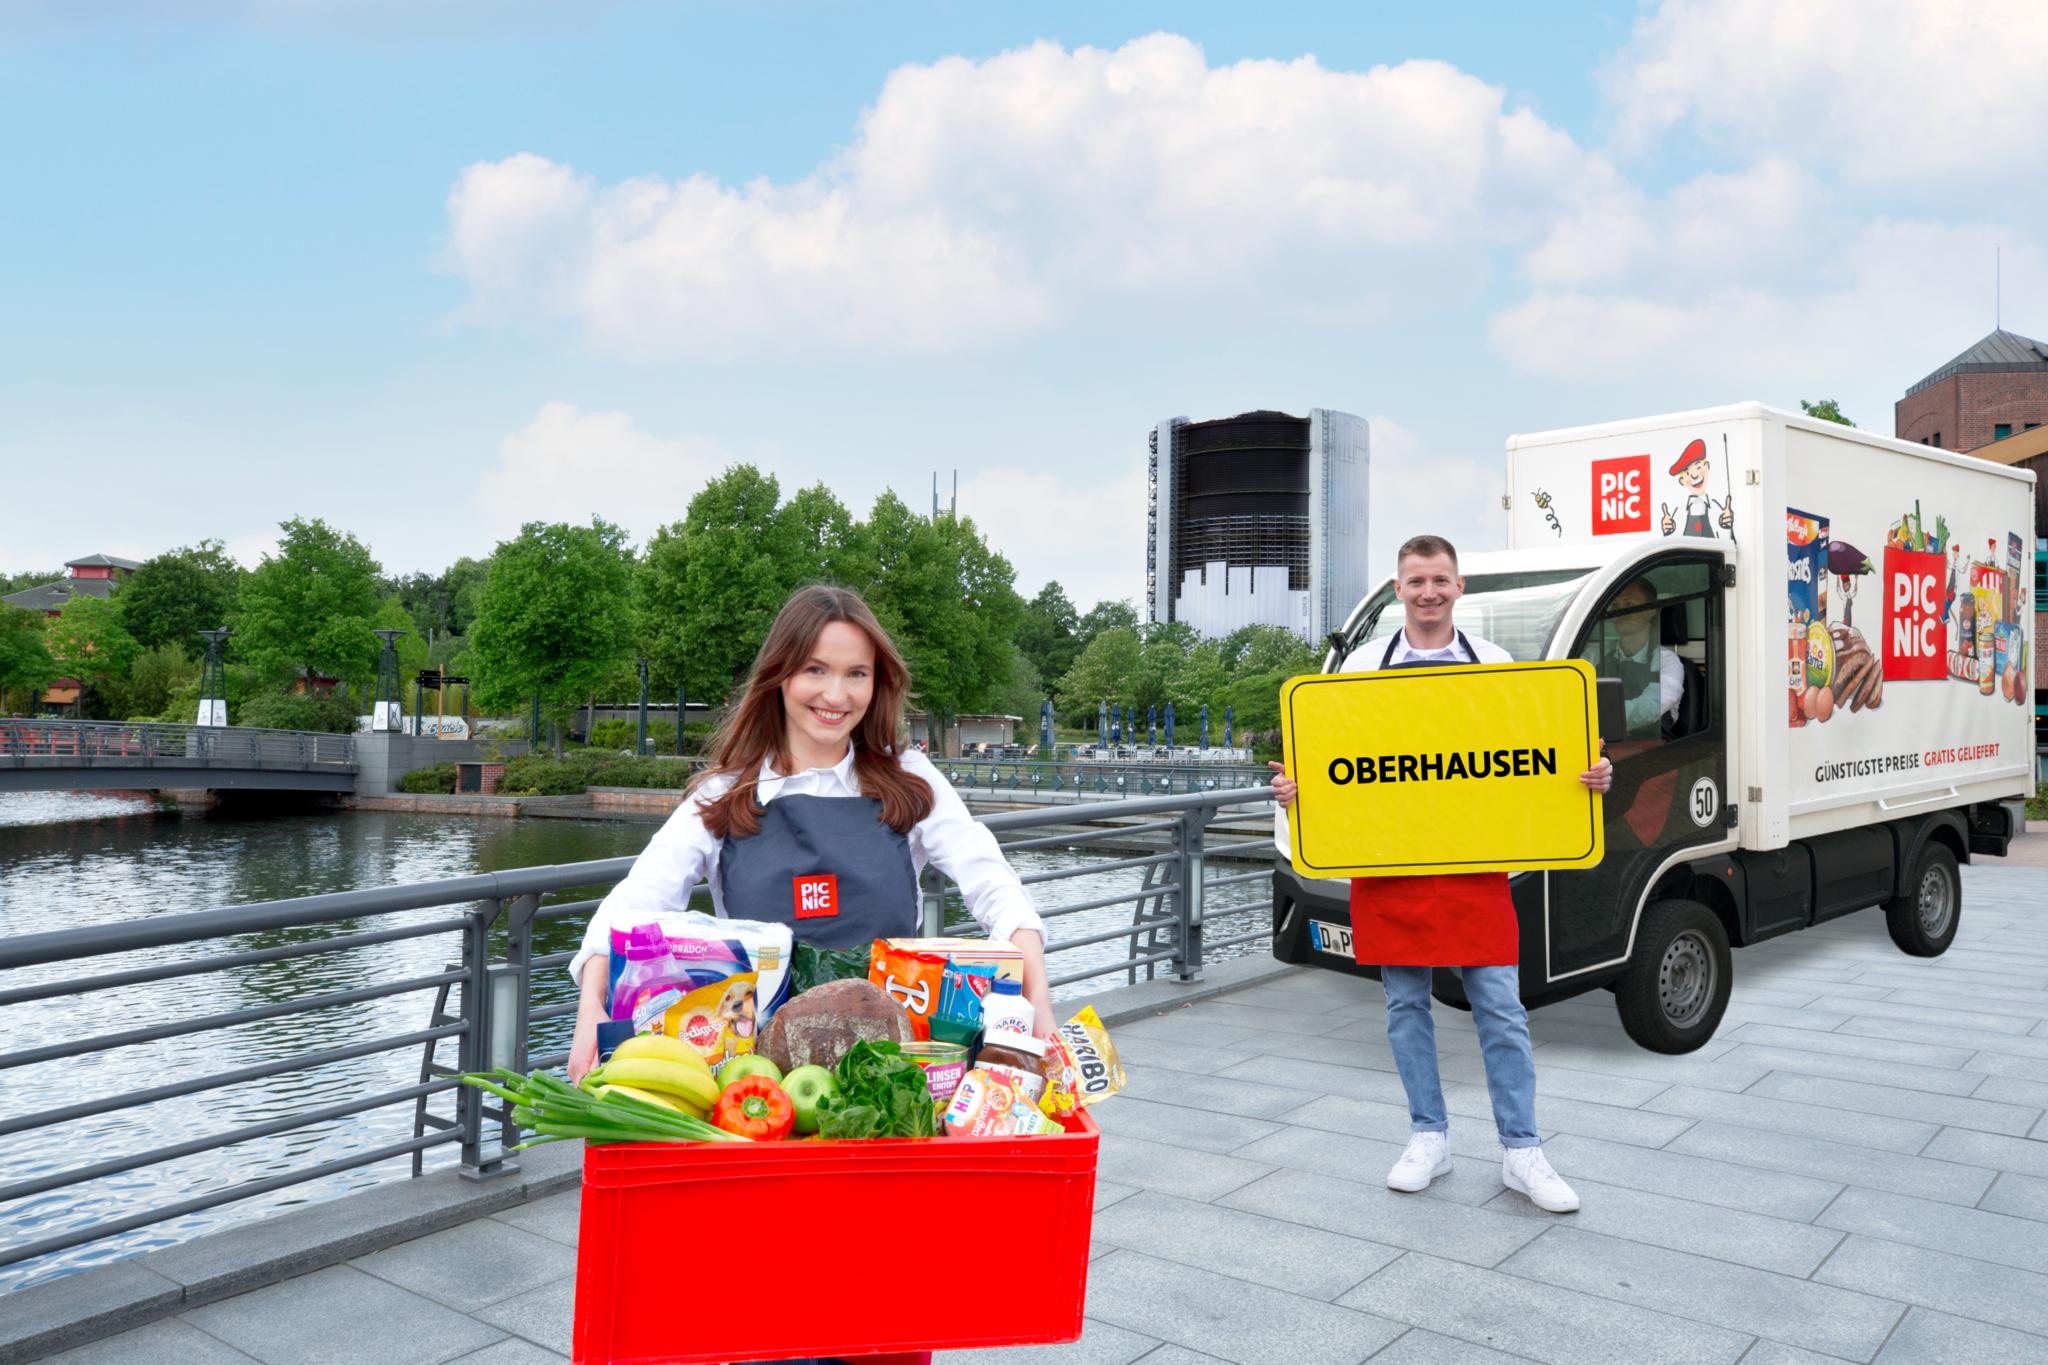 Picnic erreicht insgesamt nun eine Million Haushalte im Ruhrgebiet